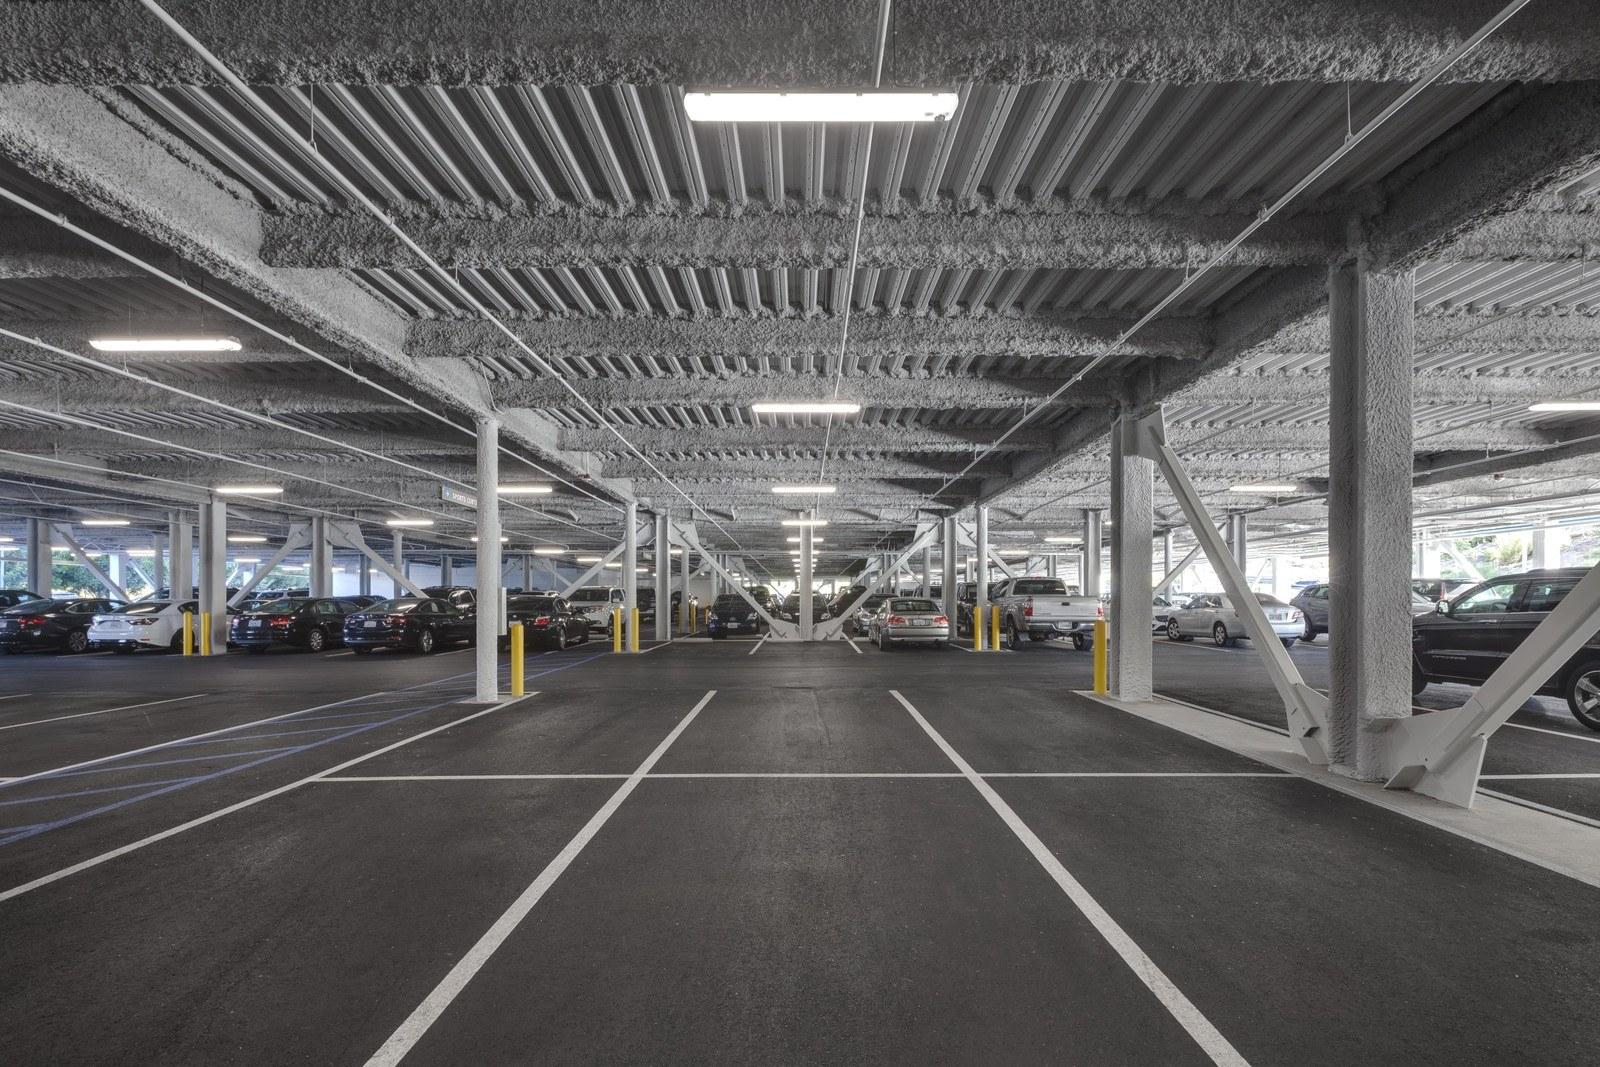 Ladera parking